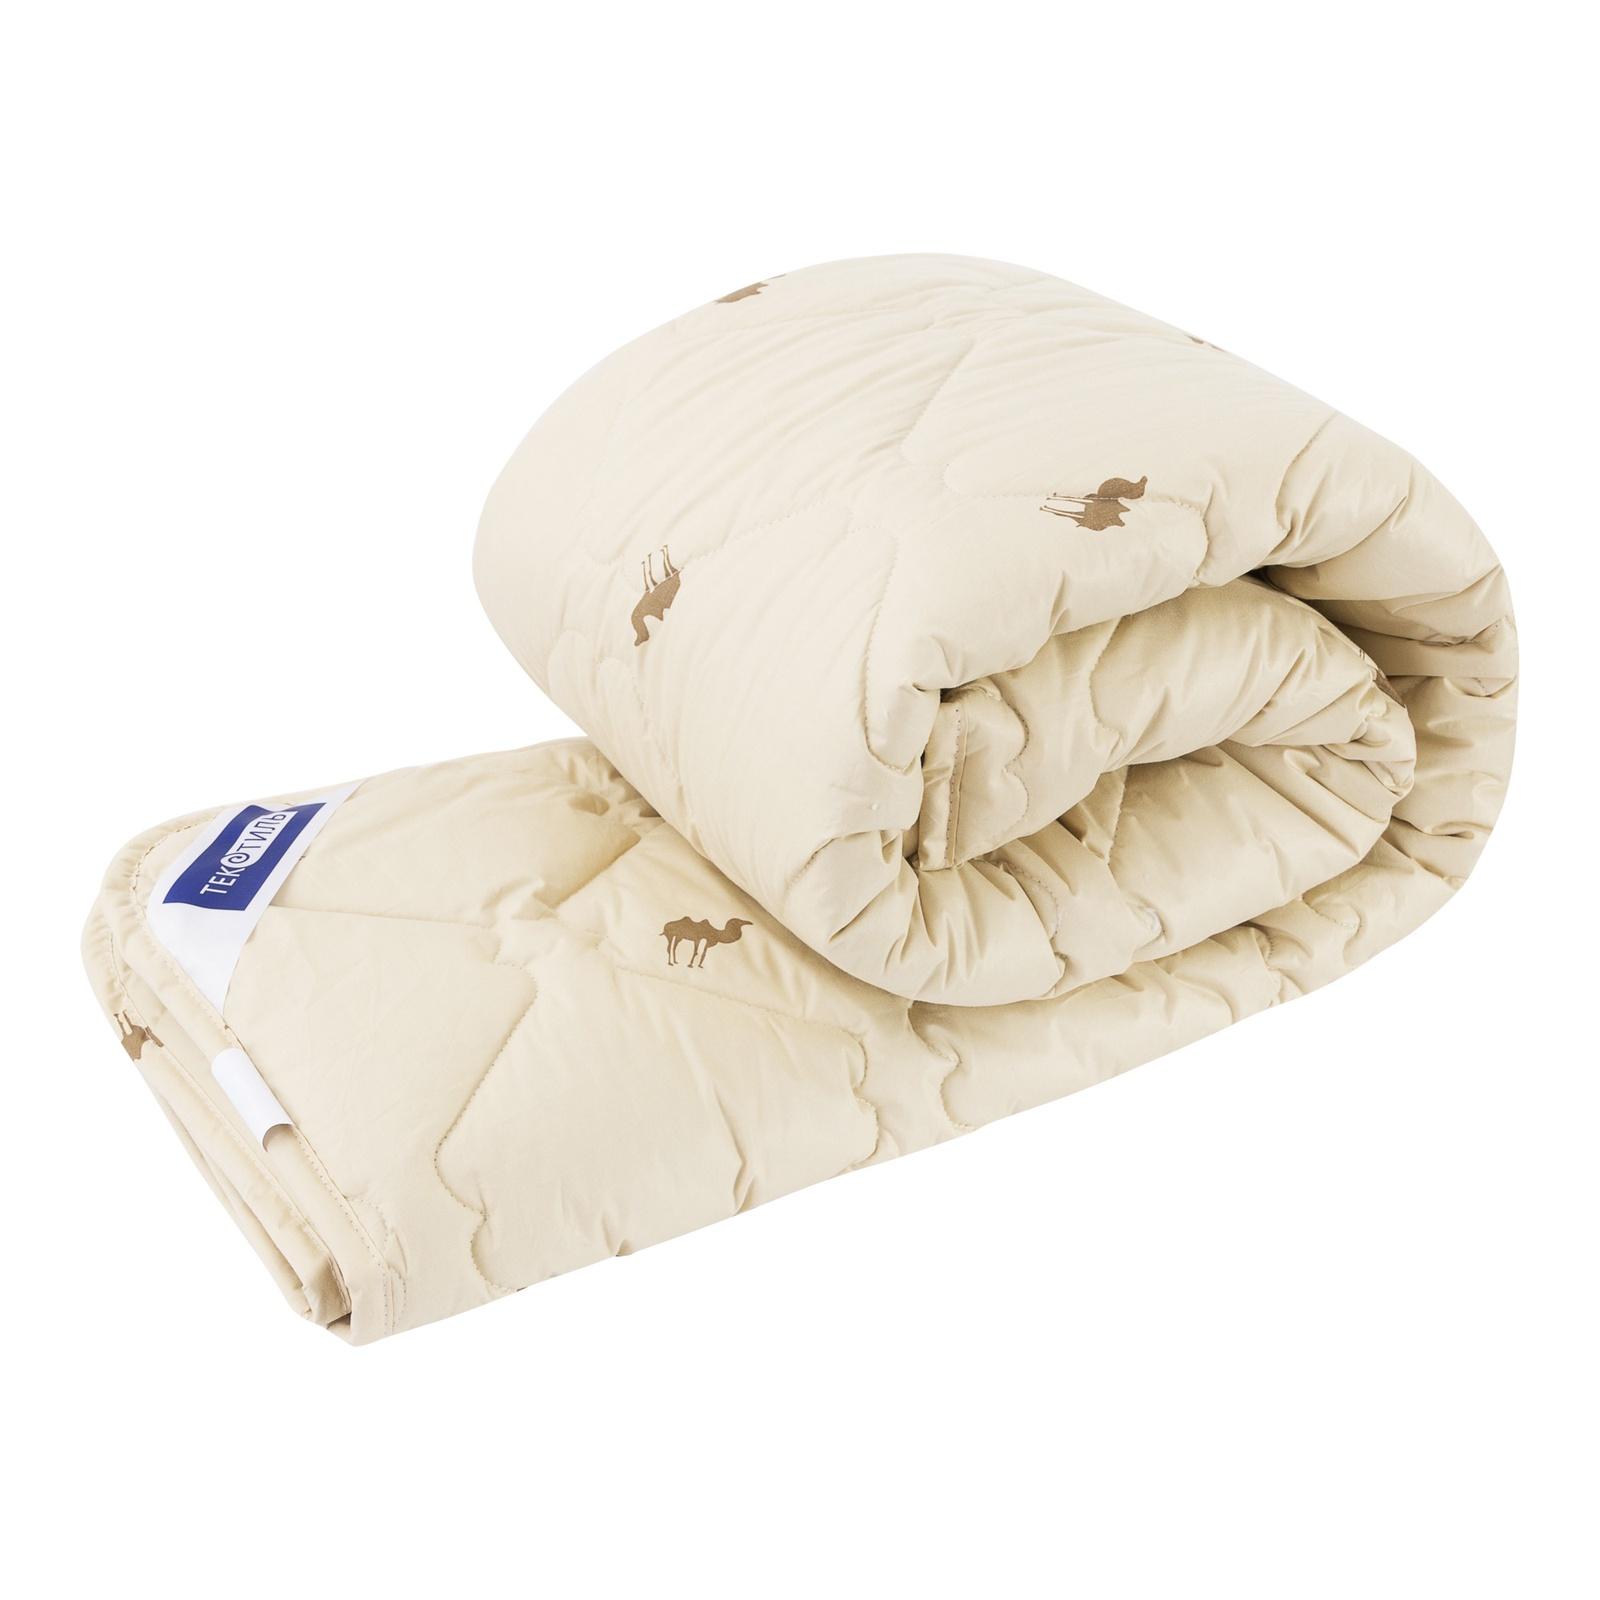 Одеяло ТекСтиль Верблюжья шерсть, 170х205 одеяла la prima одеяло бабочки цвет голубой 170х205 см